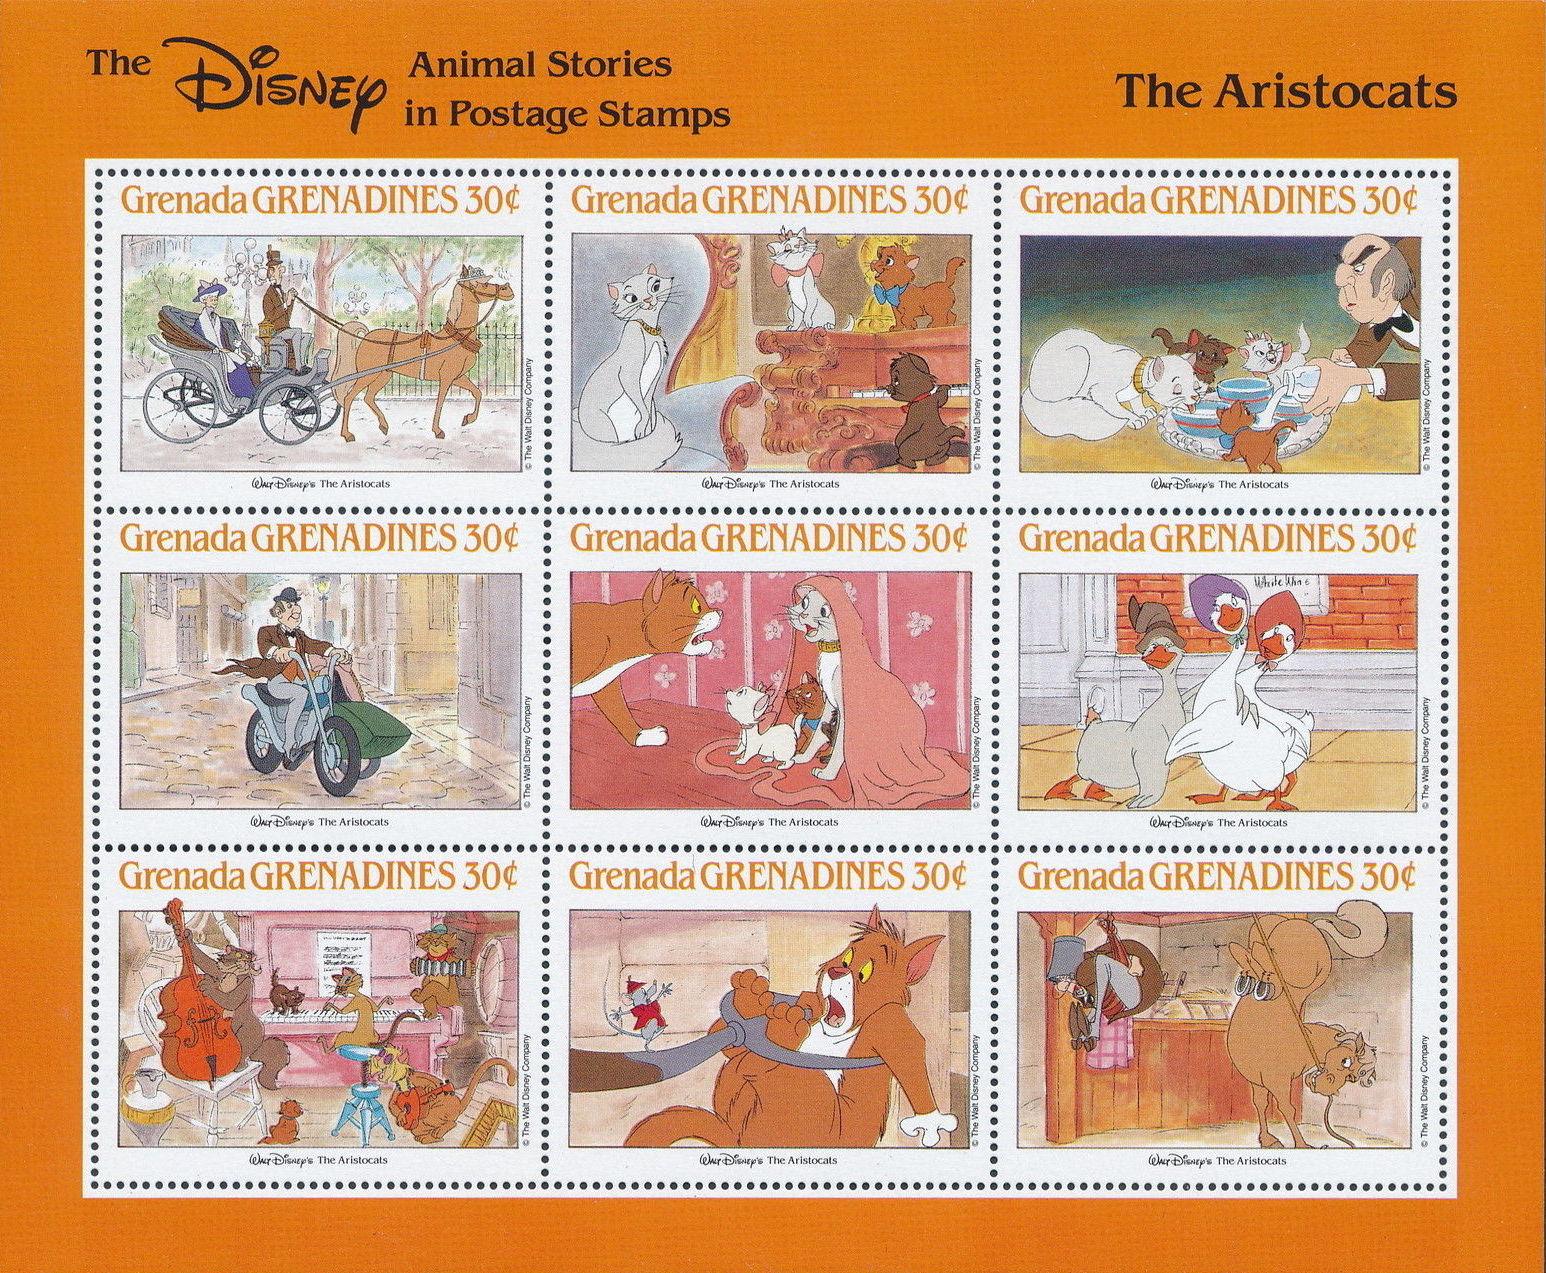 Grenada Grenadines 1988 The Disney Animal Stories in Postage Stamps SSf.jpg